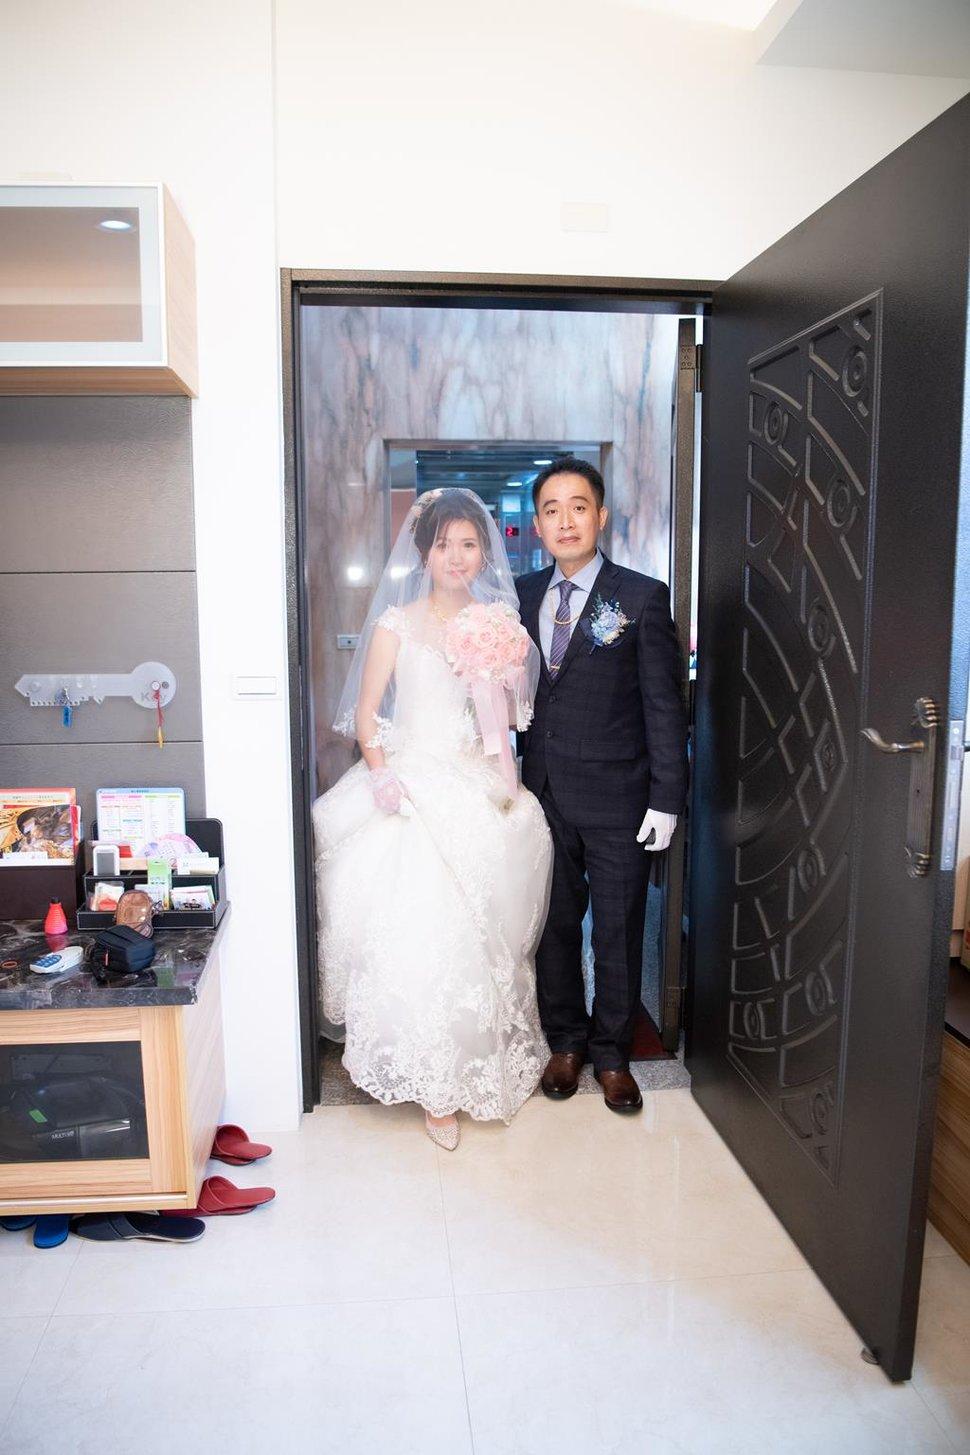 書孟&逸琳婚禮紀實-2-36 - Mr. Happiness 幸福先生《結婚吧》